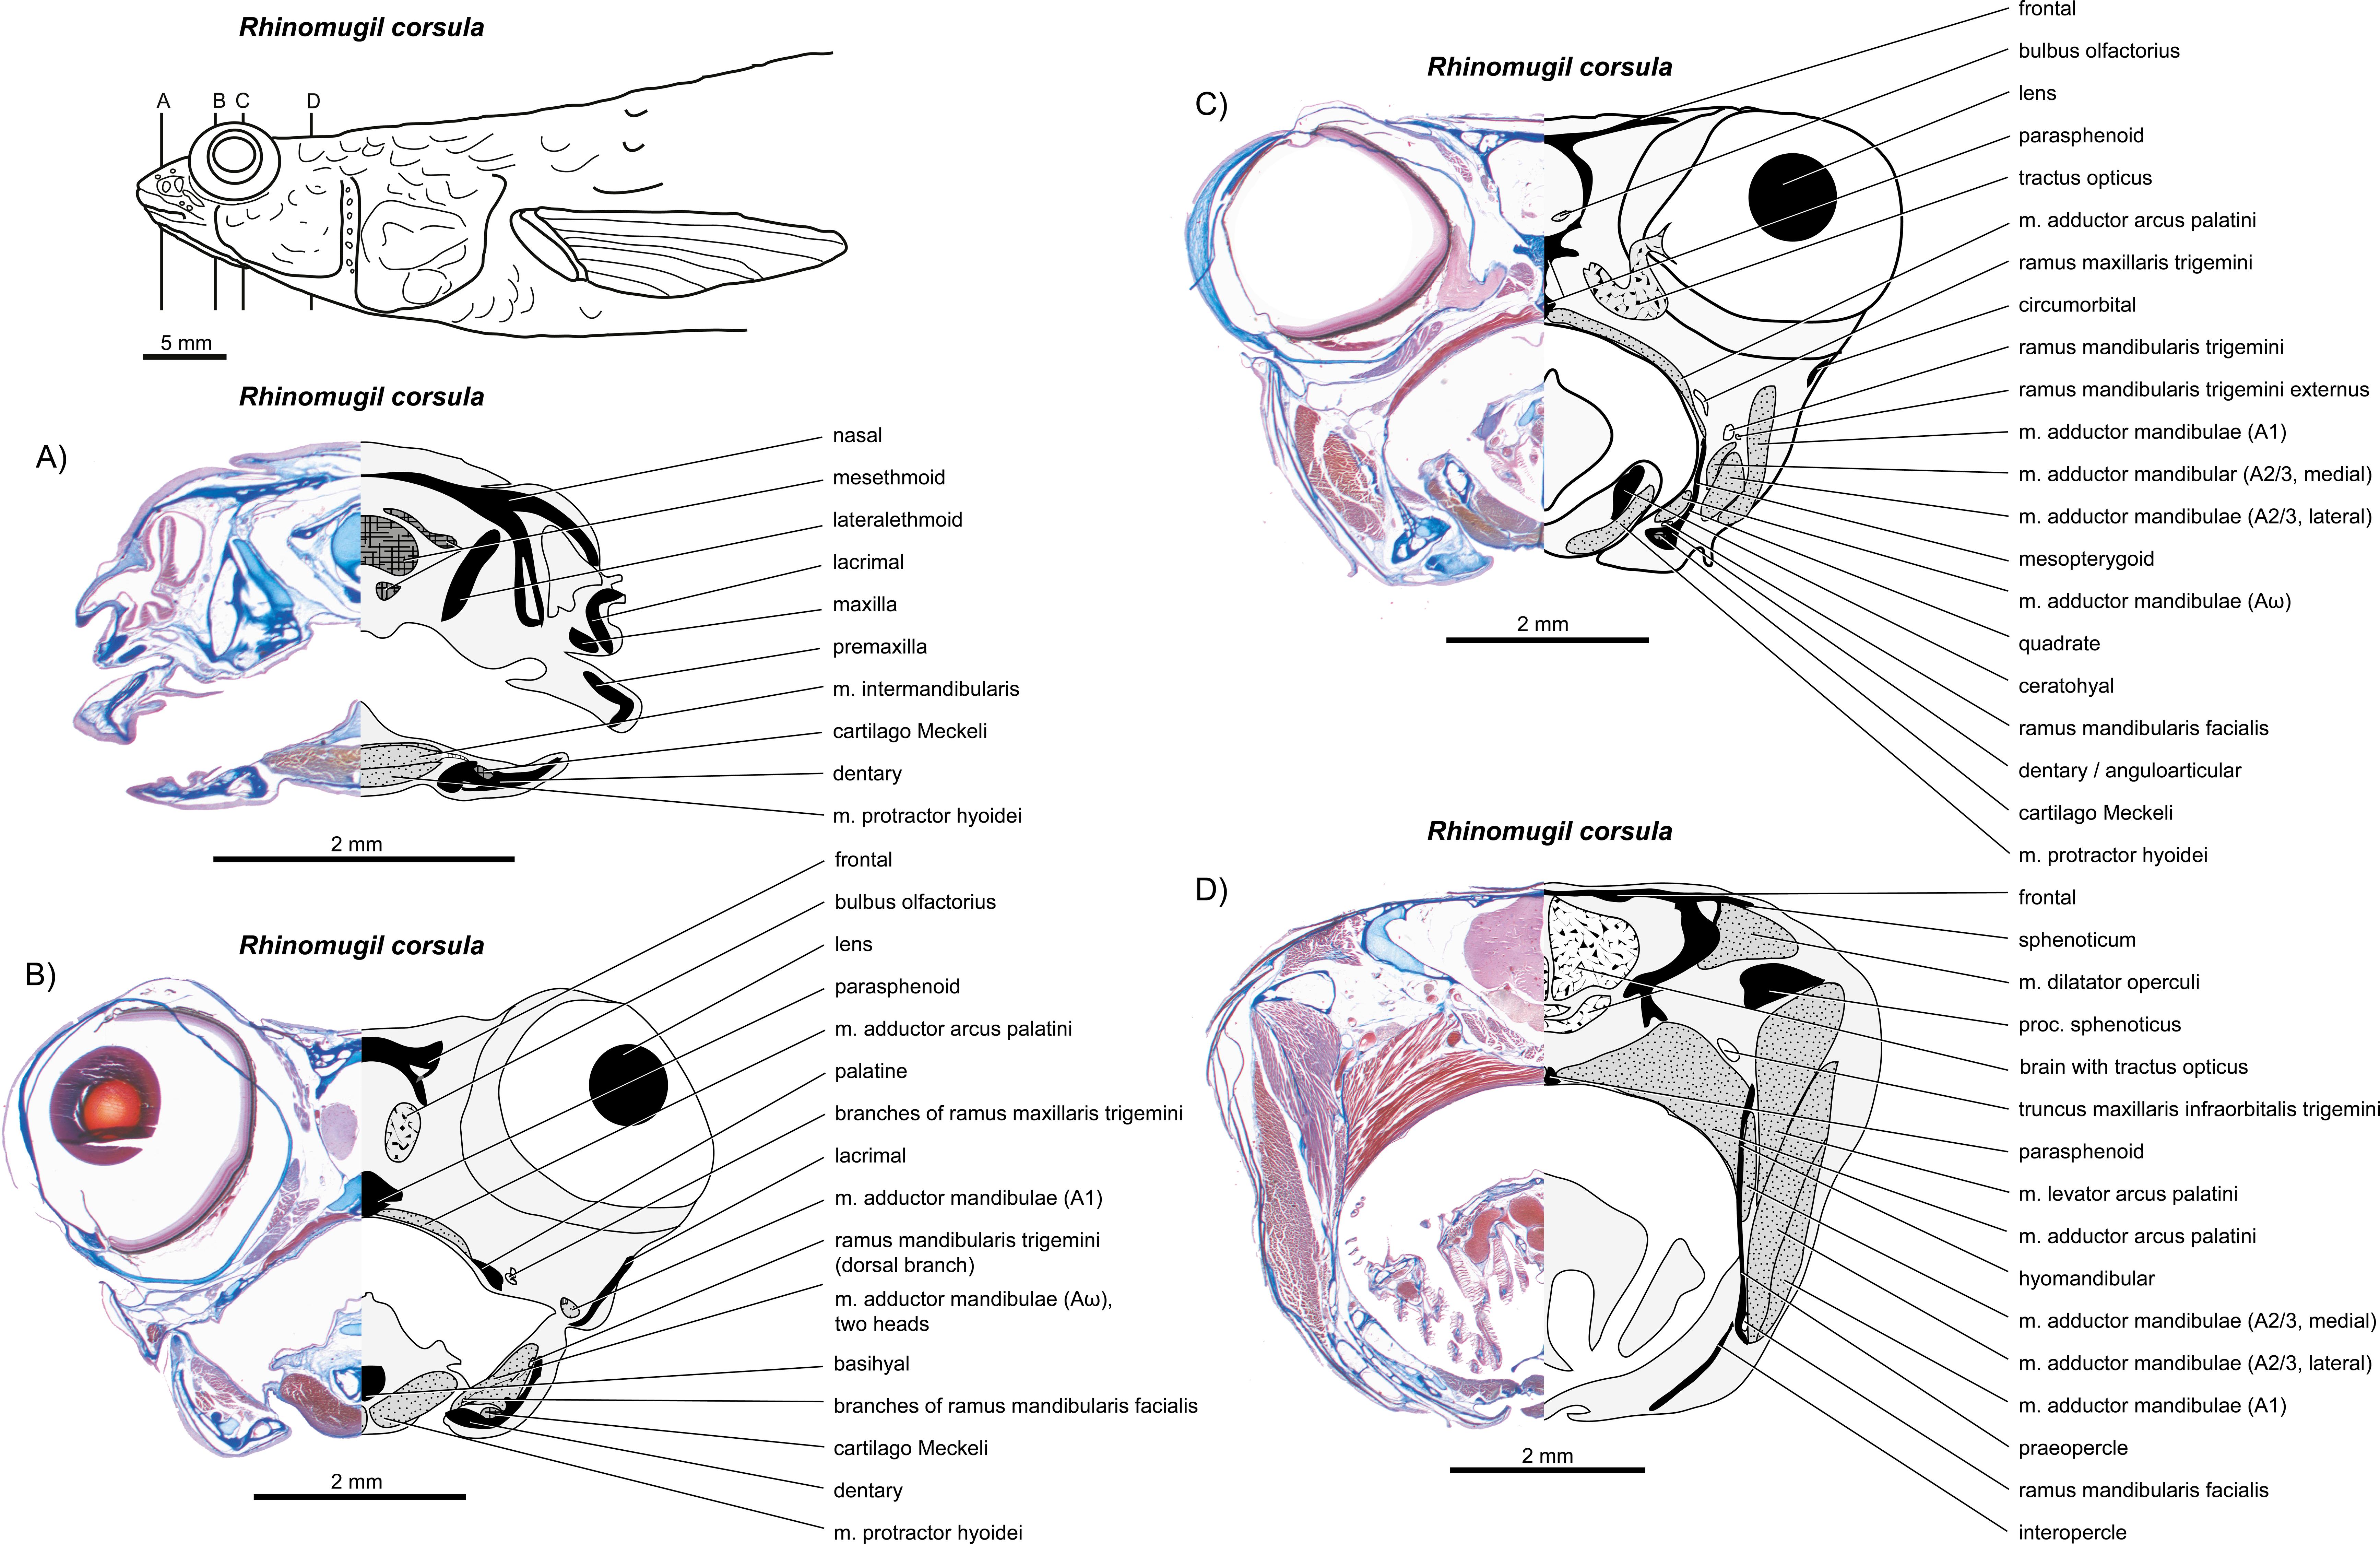 Groß Zuckersegelflugzeug Anatomie Bilder - Anatomie Ideen - finotti.info